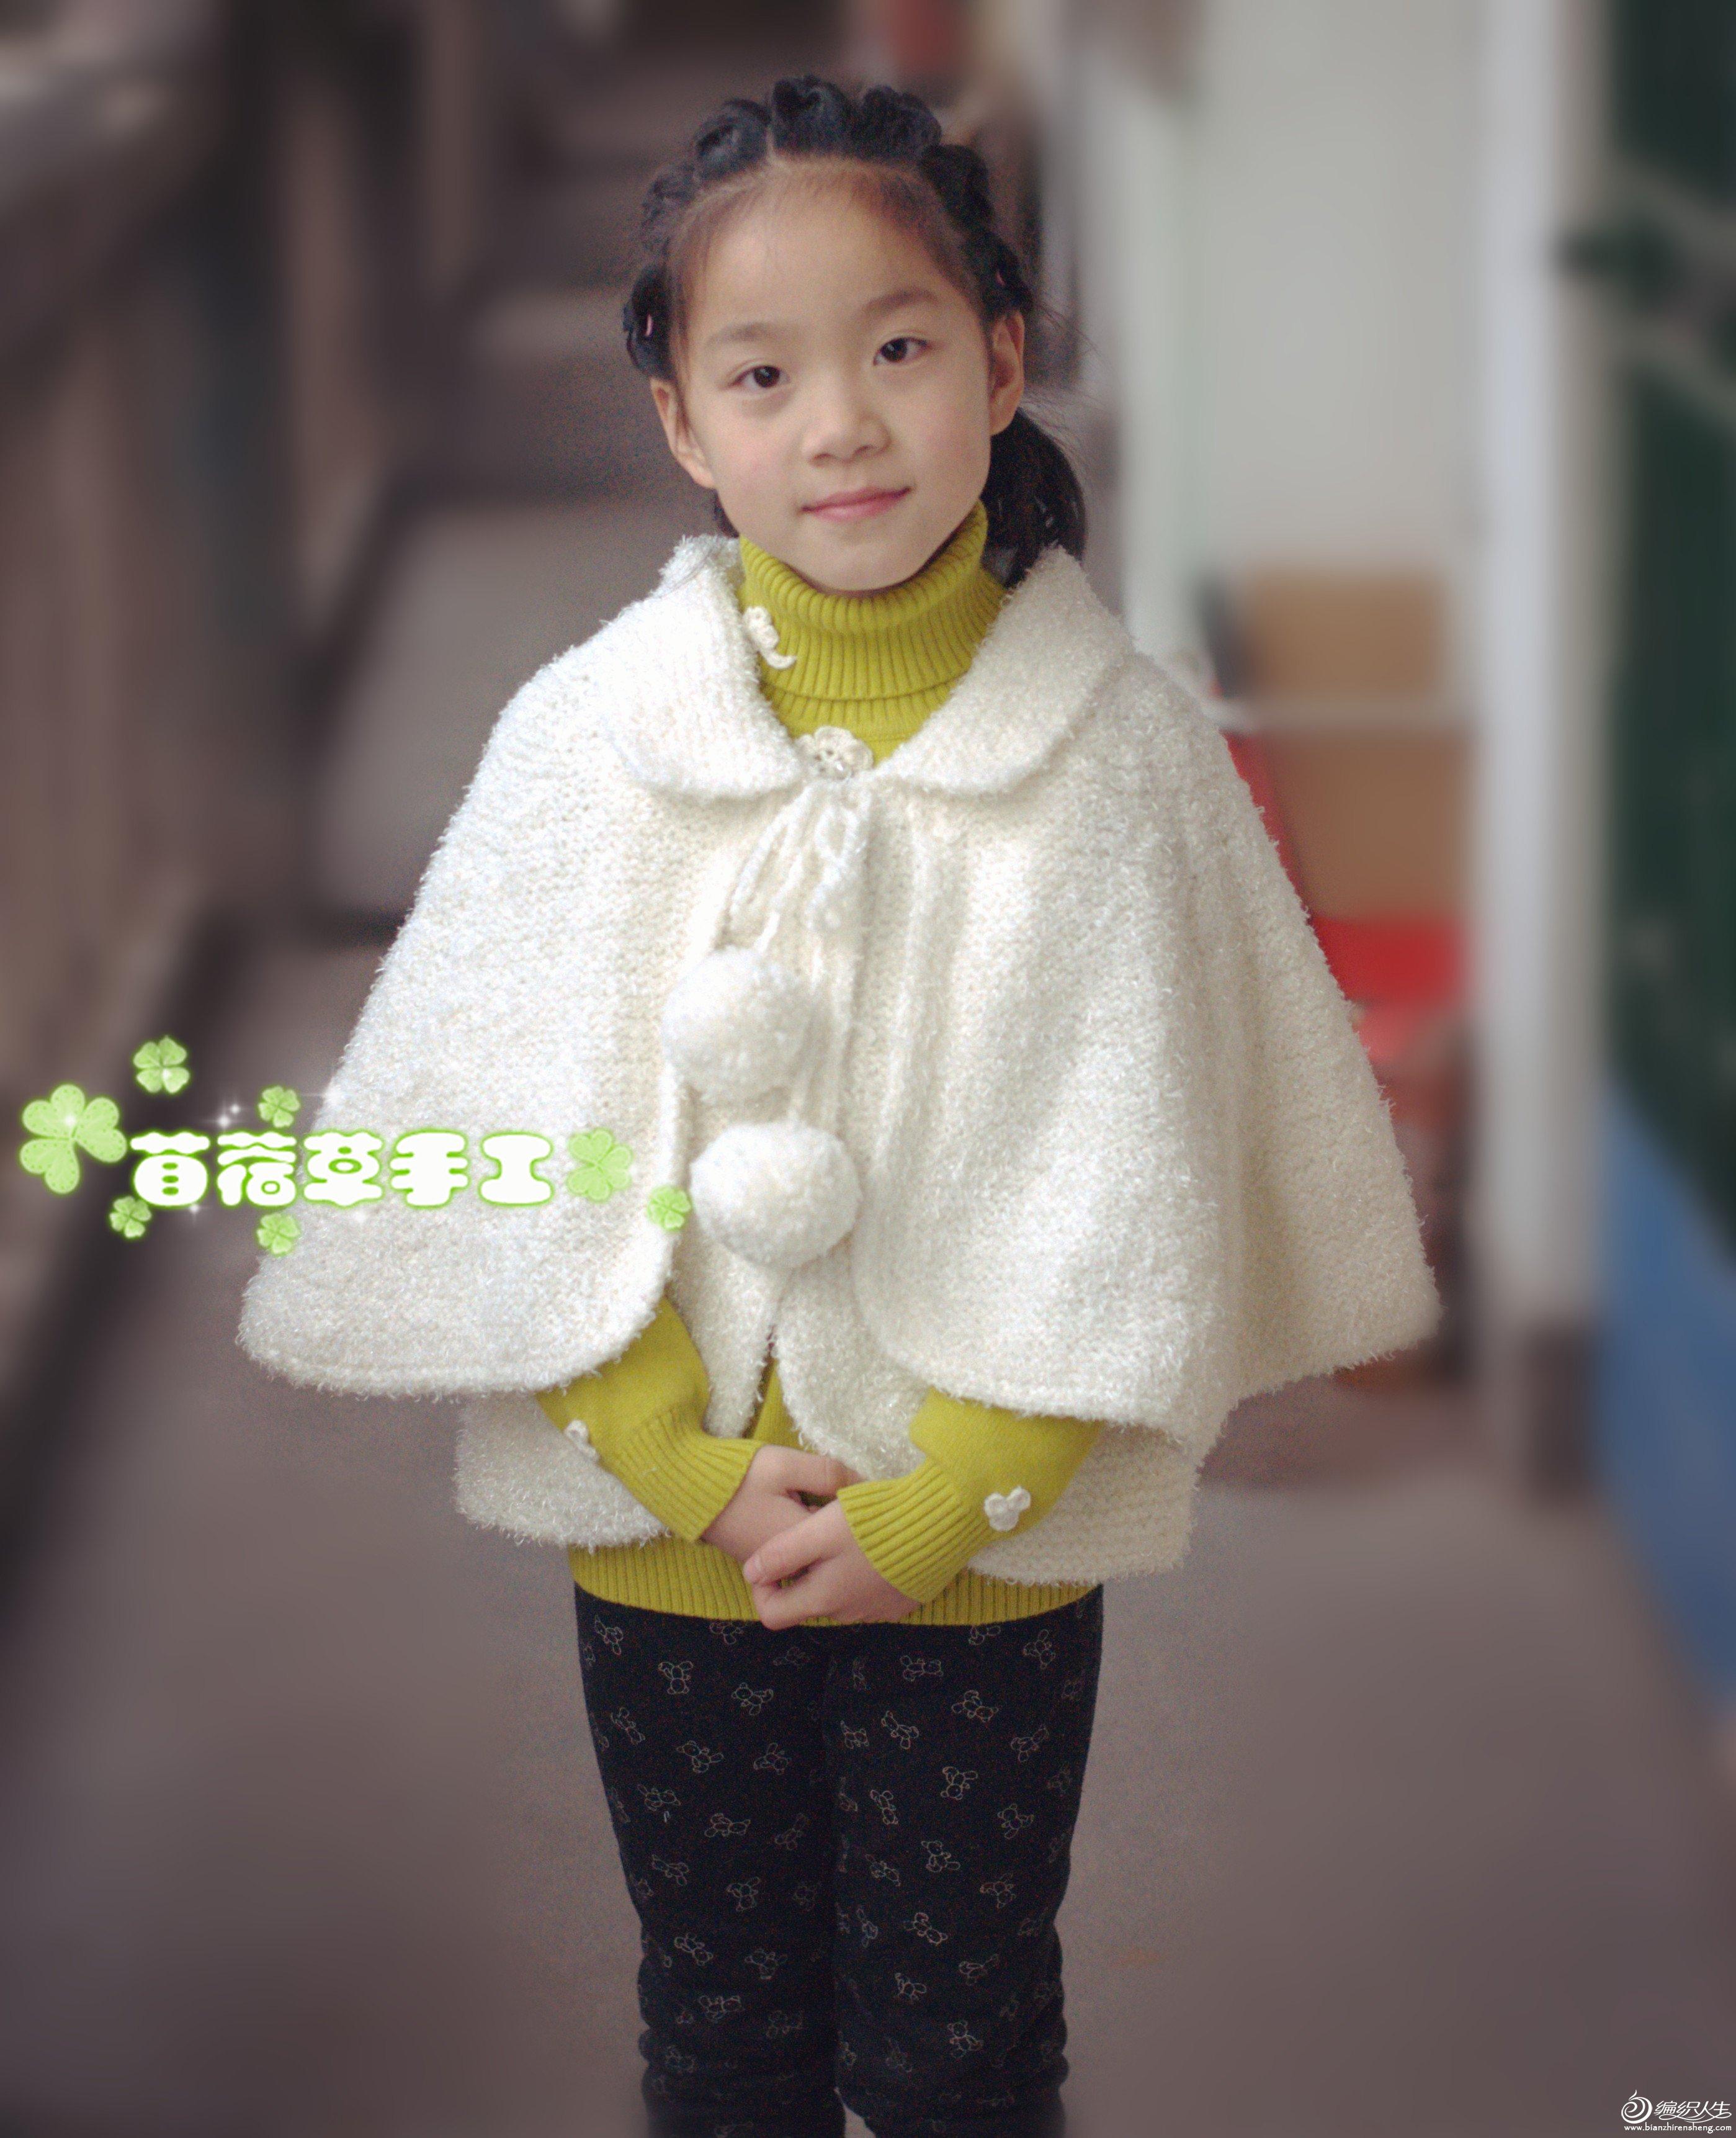 【苜蓿草】-----若雪 -----(公主必备 甜美 可爱斗篷衣 )